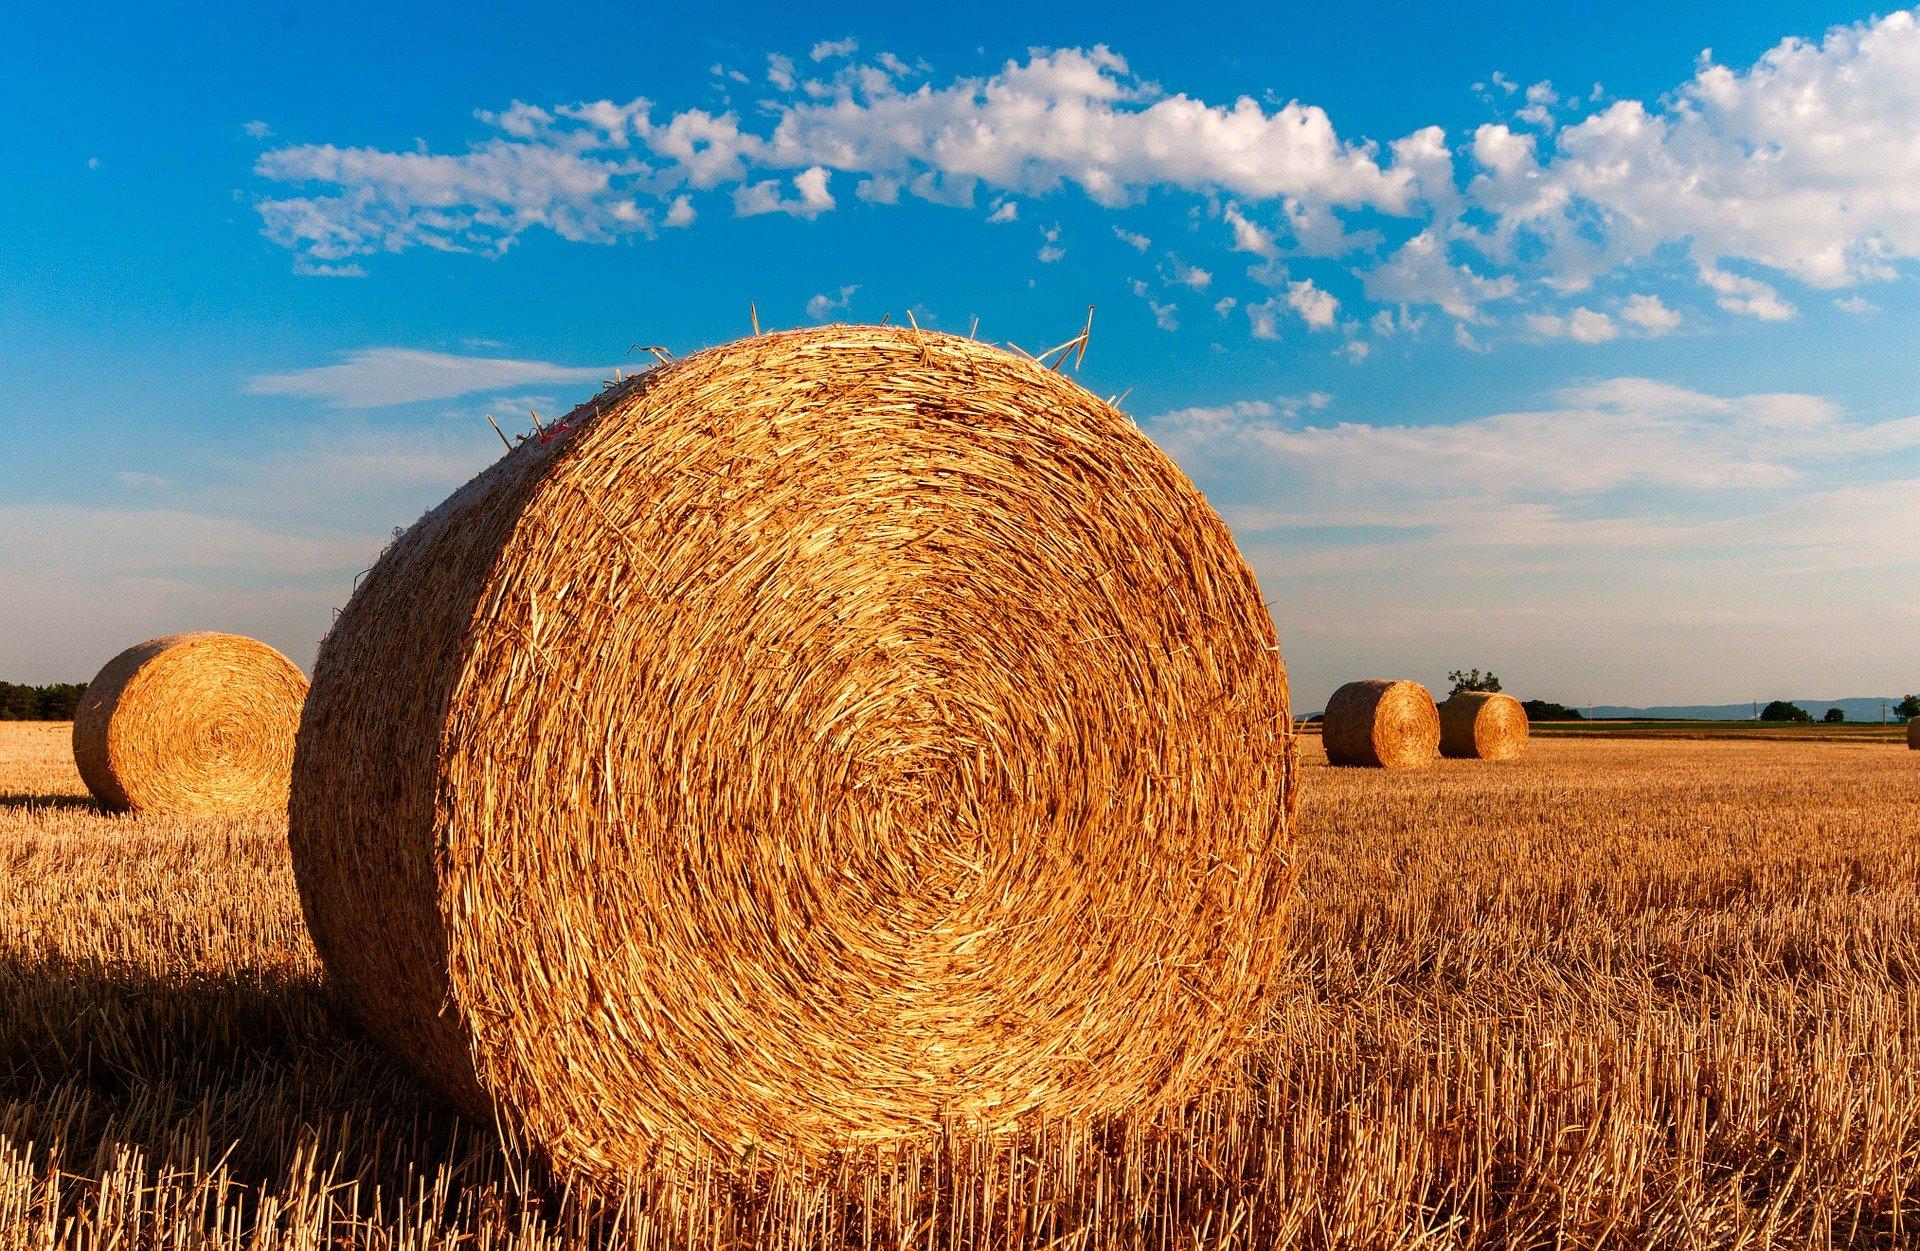 Les solutions de Traduction dans le domaine de l'Agriculture avec Eu Coordination, agence de Traduction et d'Interprétation.